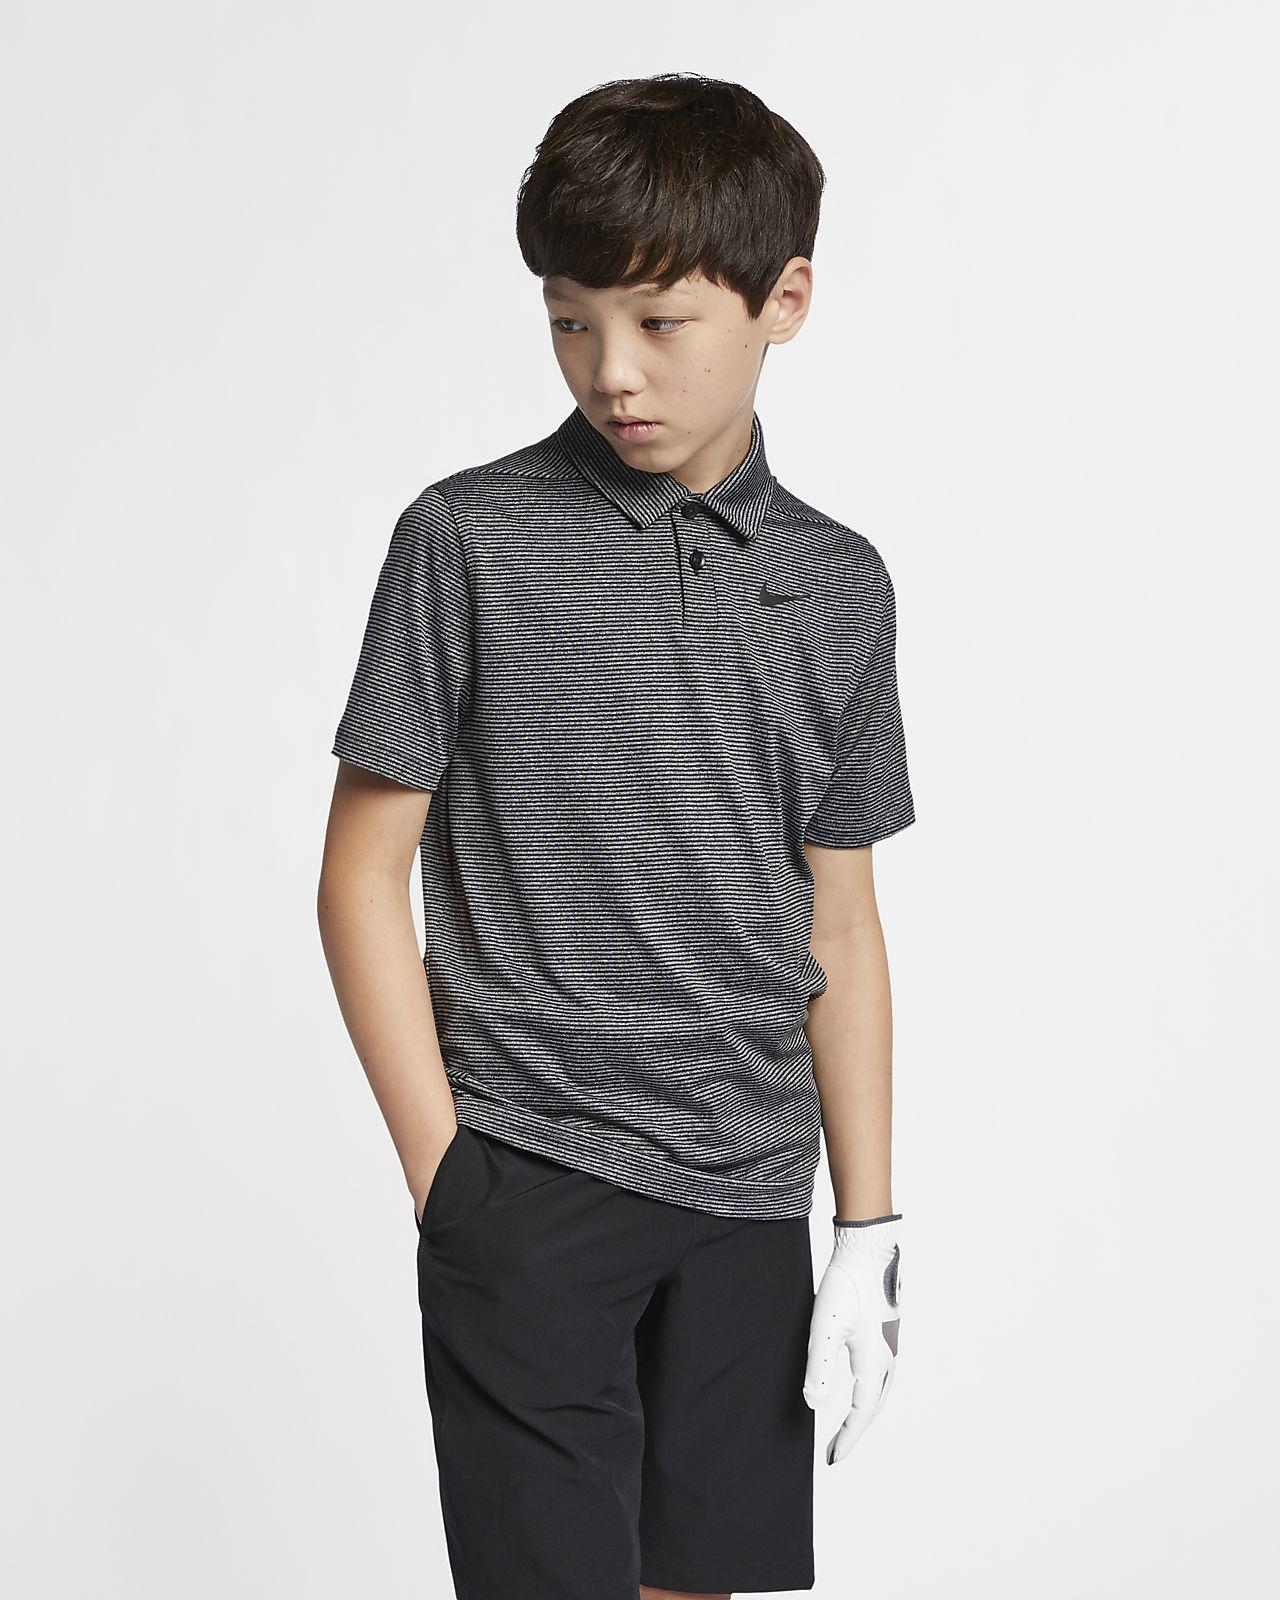 Nike Dri-FIT stripete golfskjorte til store barn (gutt)